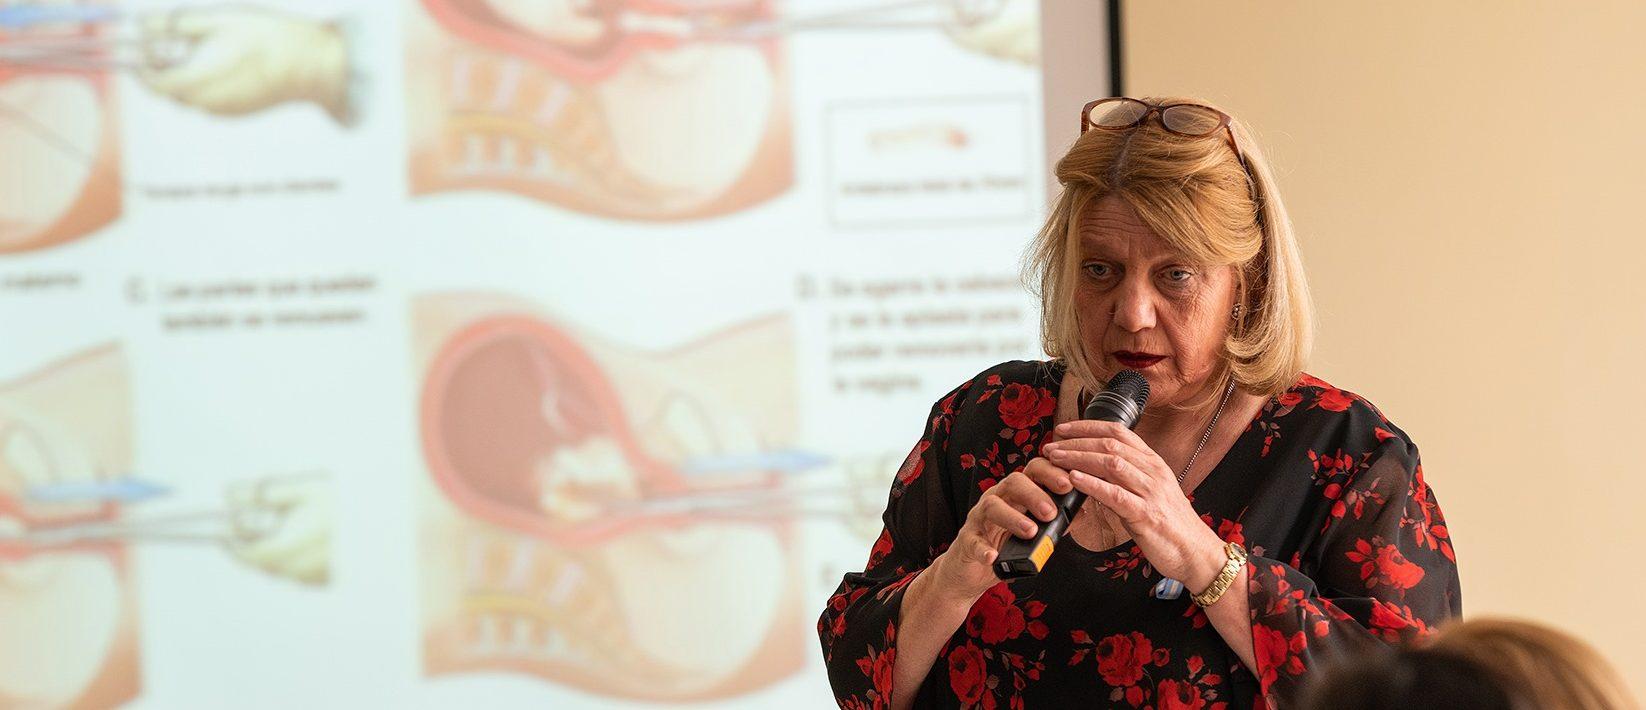 Quién es Chinda Brandolino, la médica que viraliza desinformaciones sobre el coronavirus